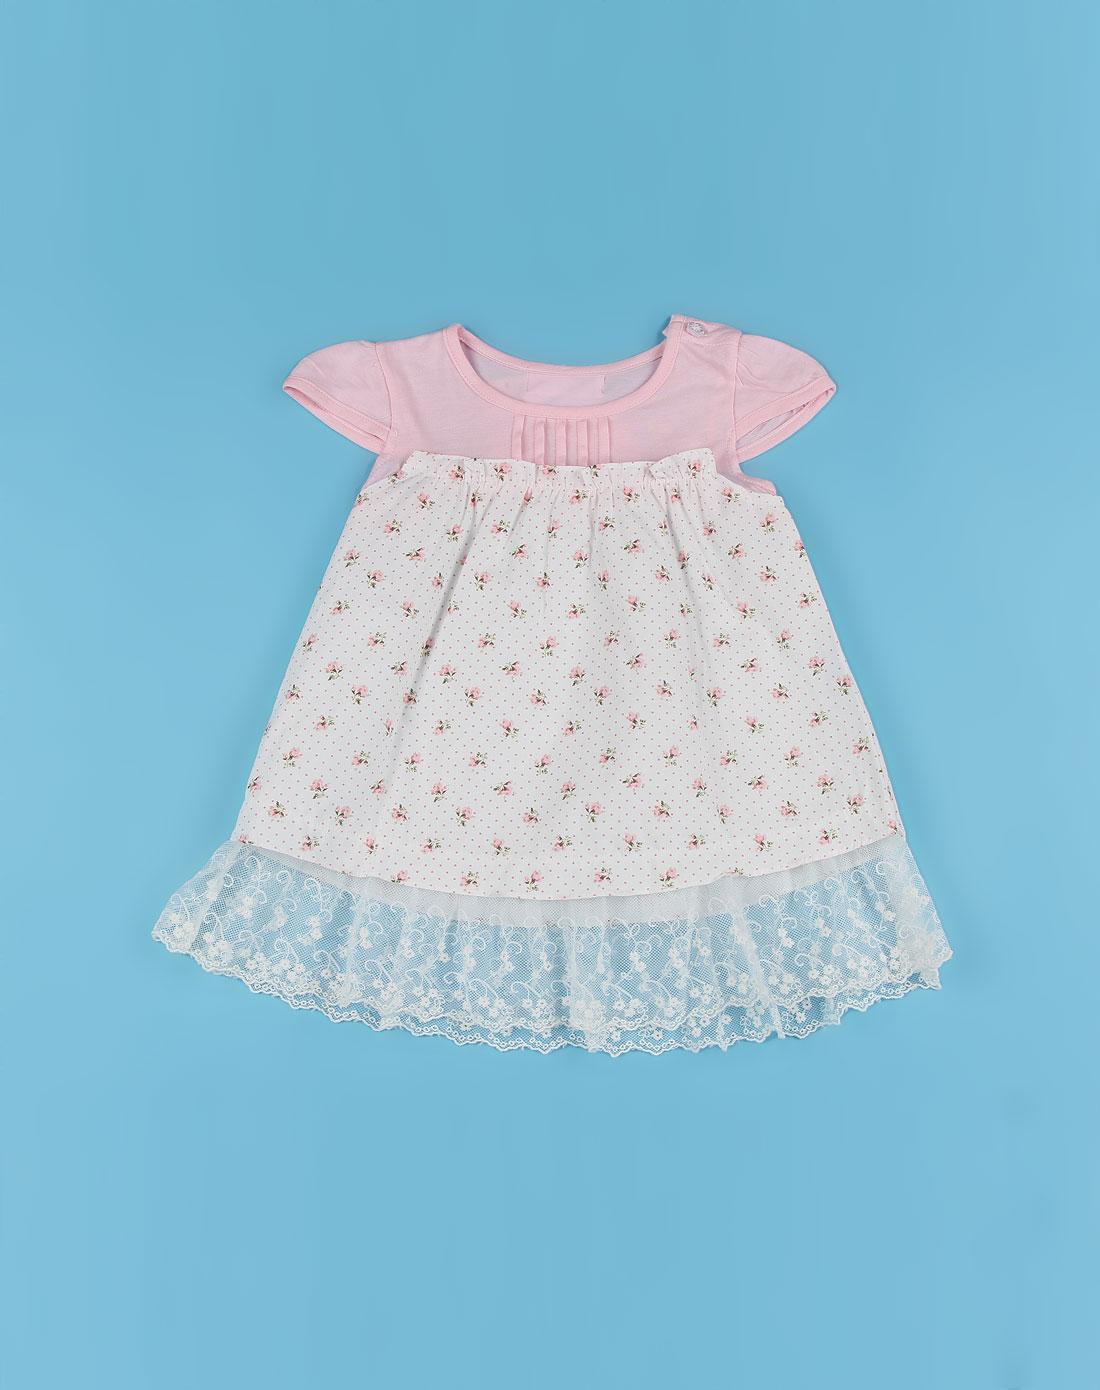 女童粉色漂亮公主短袖连衣裙